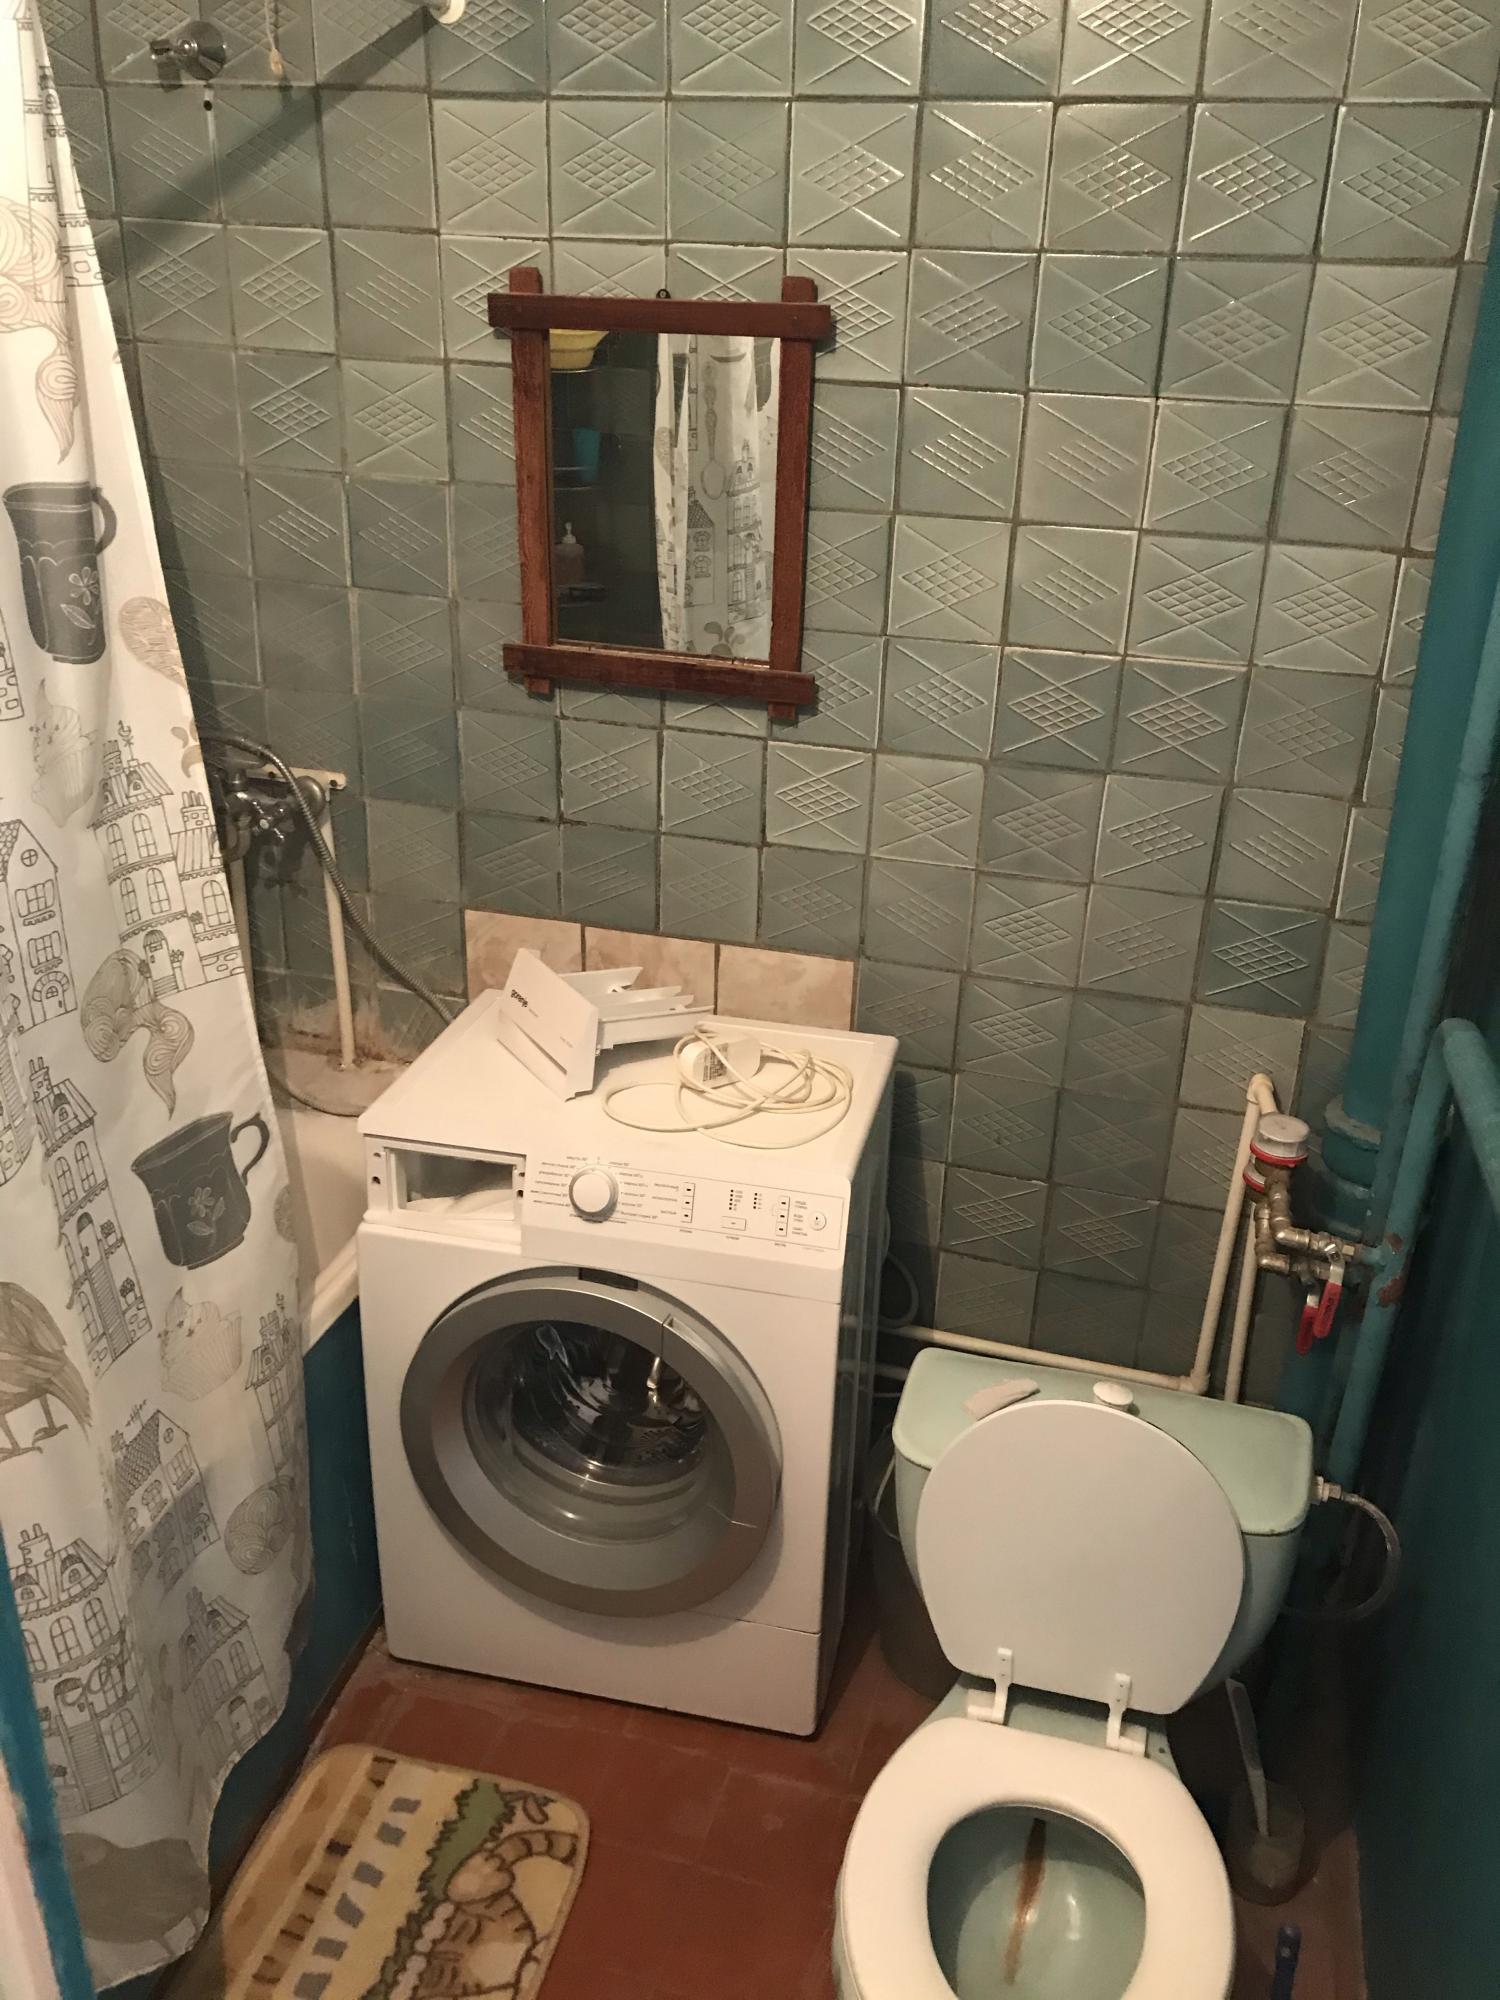 Квартира, 1 комната, 33 м² в Смоленске 89517109159 купить 5